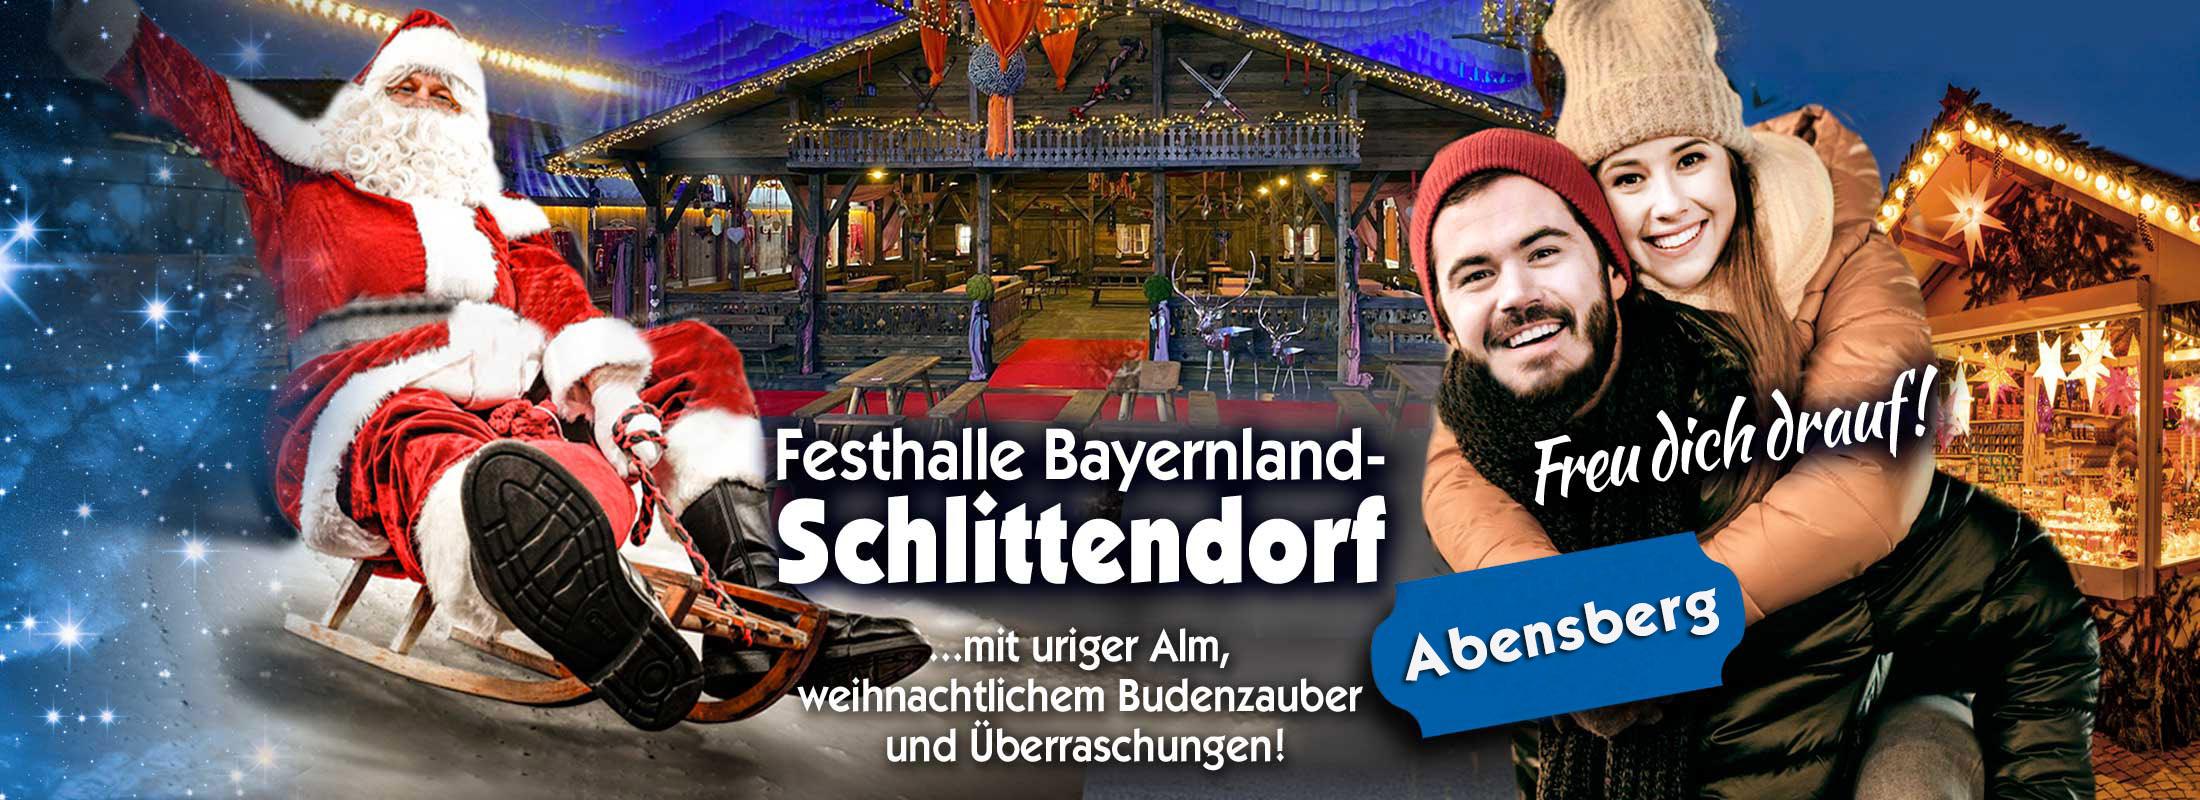 christkindlmarkt_abensberg_weihnachtsmarkt_schlittendorf_2020-c